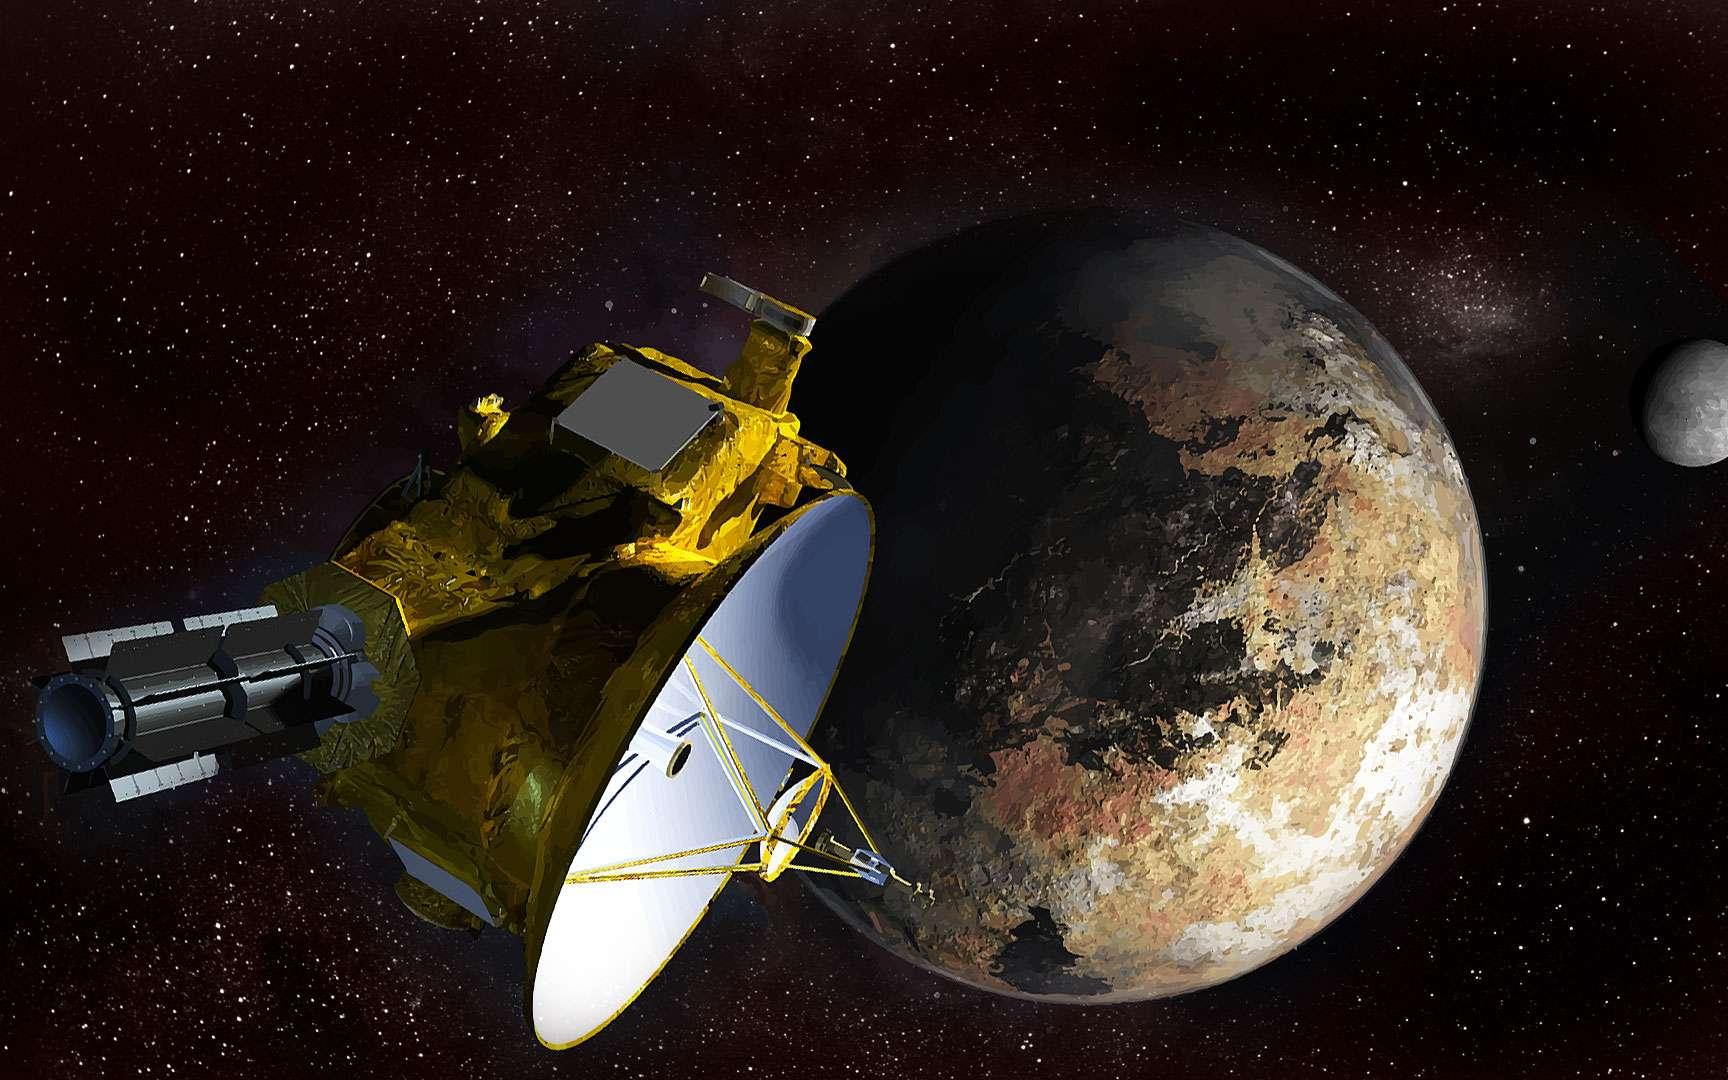 Les couleurs de Pluton. Pluton vue par la caméra MVIC (qui voit en bleu, en rouge et en infrarouge) le 14 juillet 2015. Cette image (composition de plusieurs clichés) a montré la complexité géologique de la surface de Pluton. Ici, un pixel représente 1,3 km. © Nasa/JHUAPL/SwRI